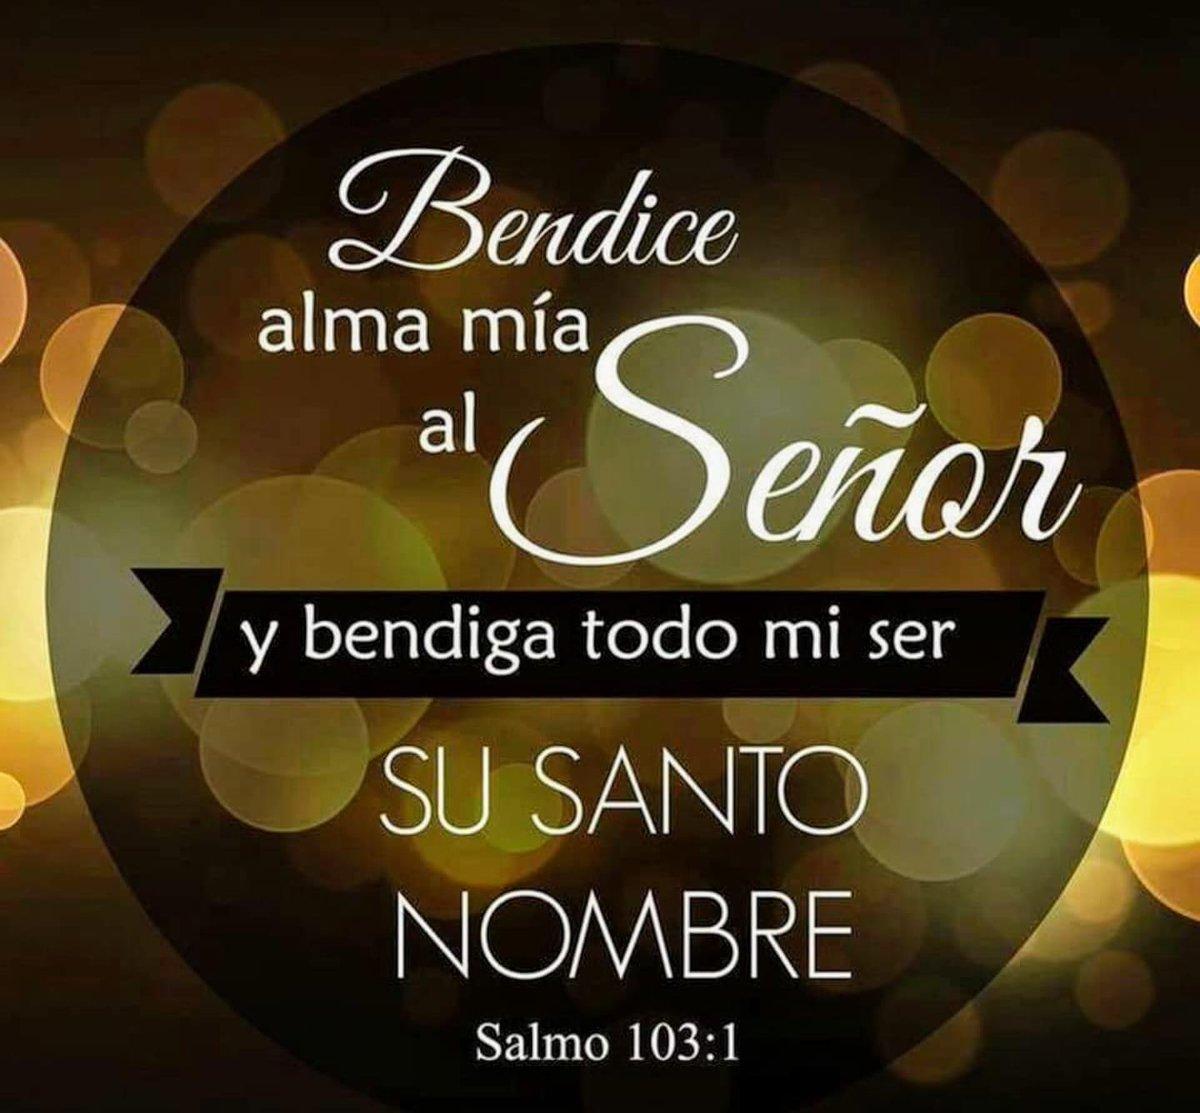 Freddy On Twitter Bendice Alma Mía Al Señor Y Bendiga Todo Mi Ser Su Santo Nombre Salmos 103 1